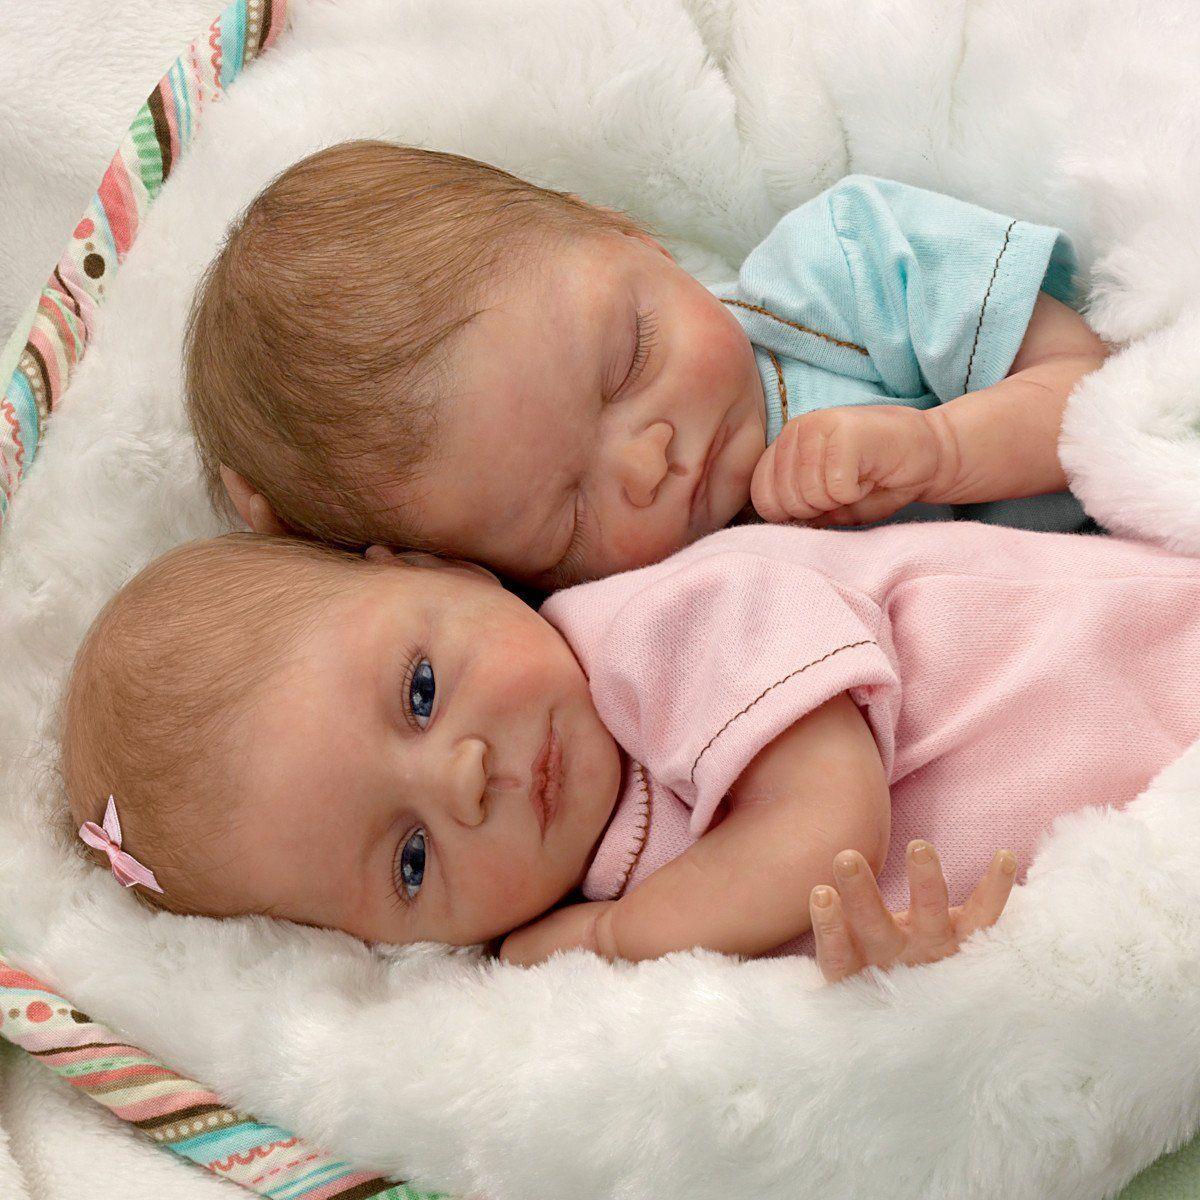 Pin Lifelike Baby Dolls